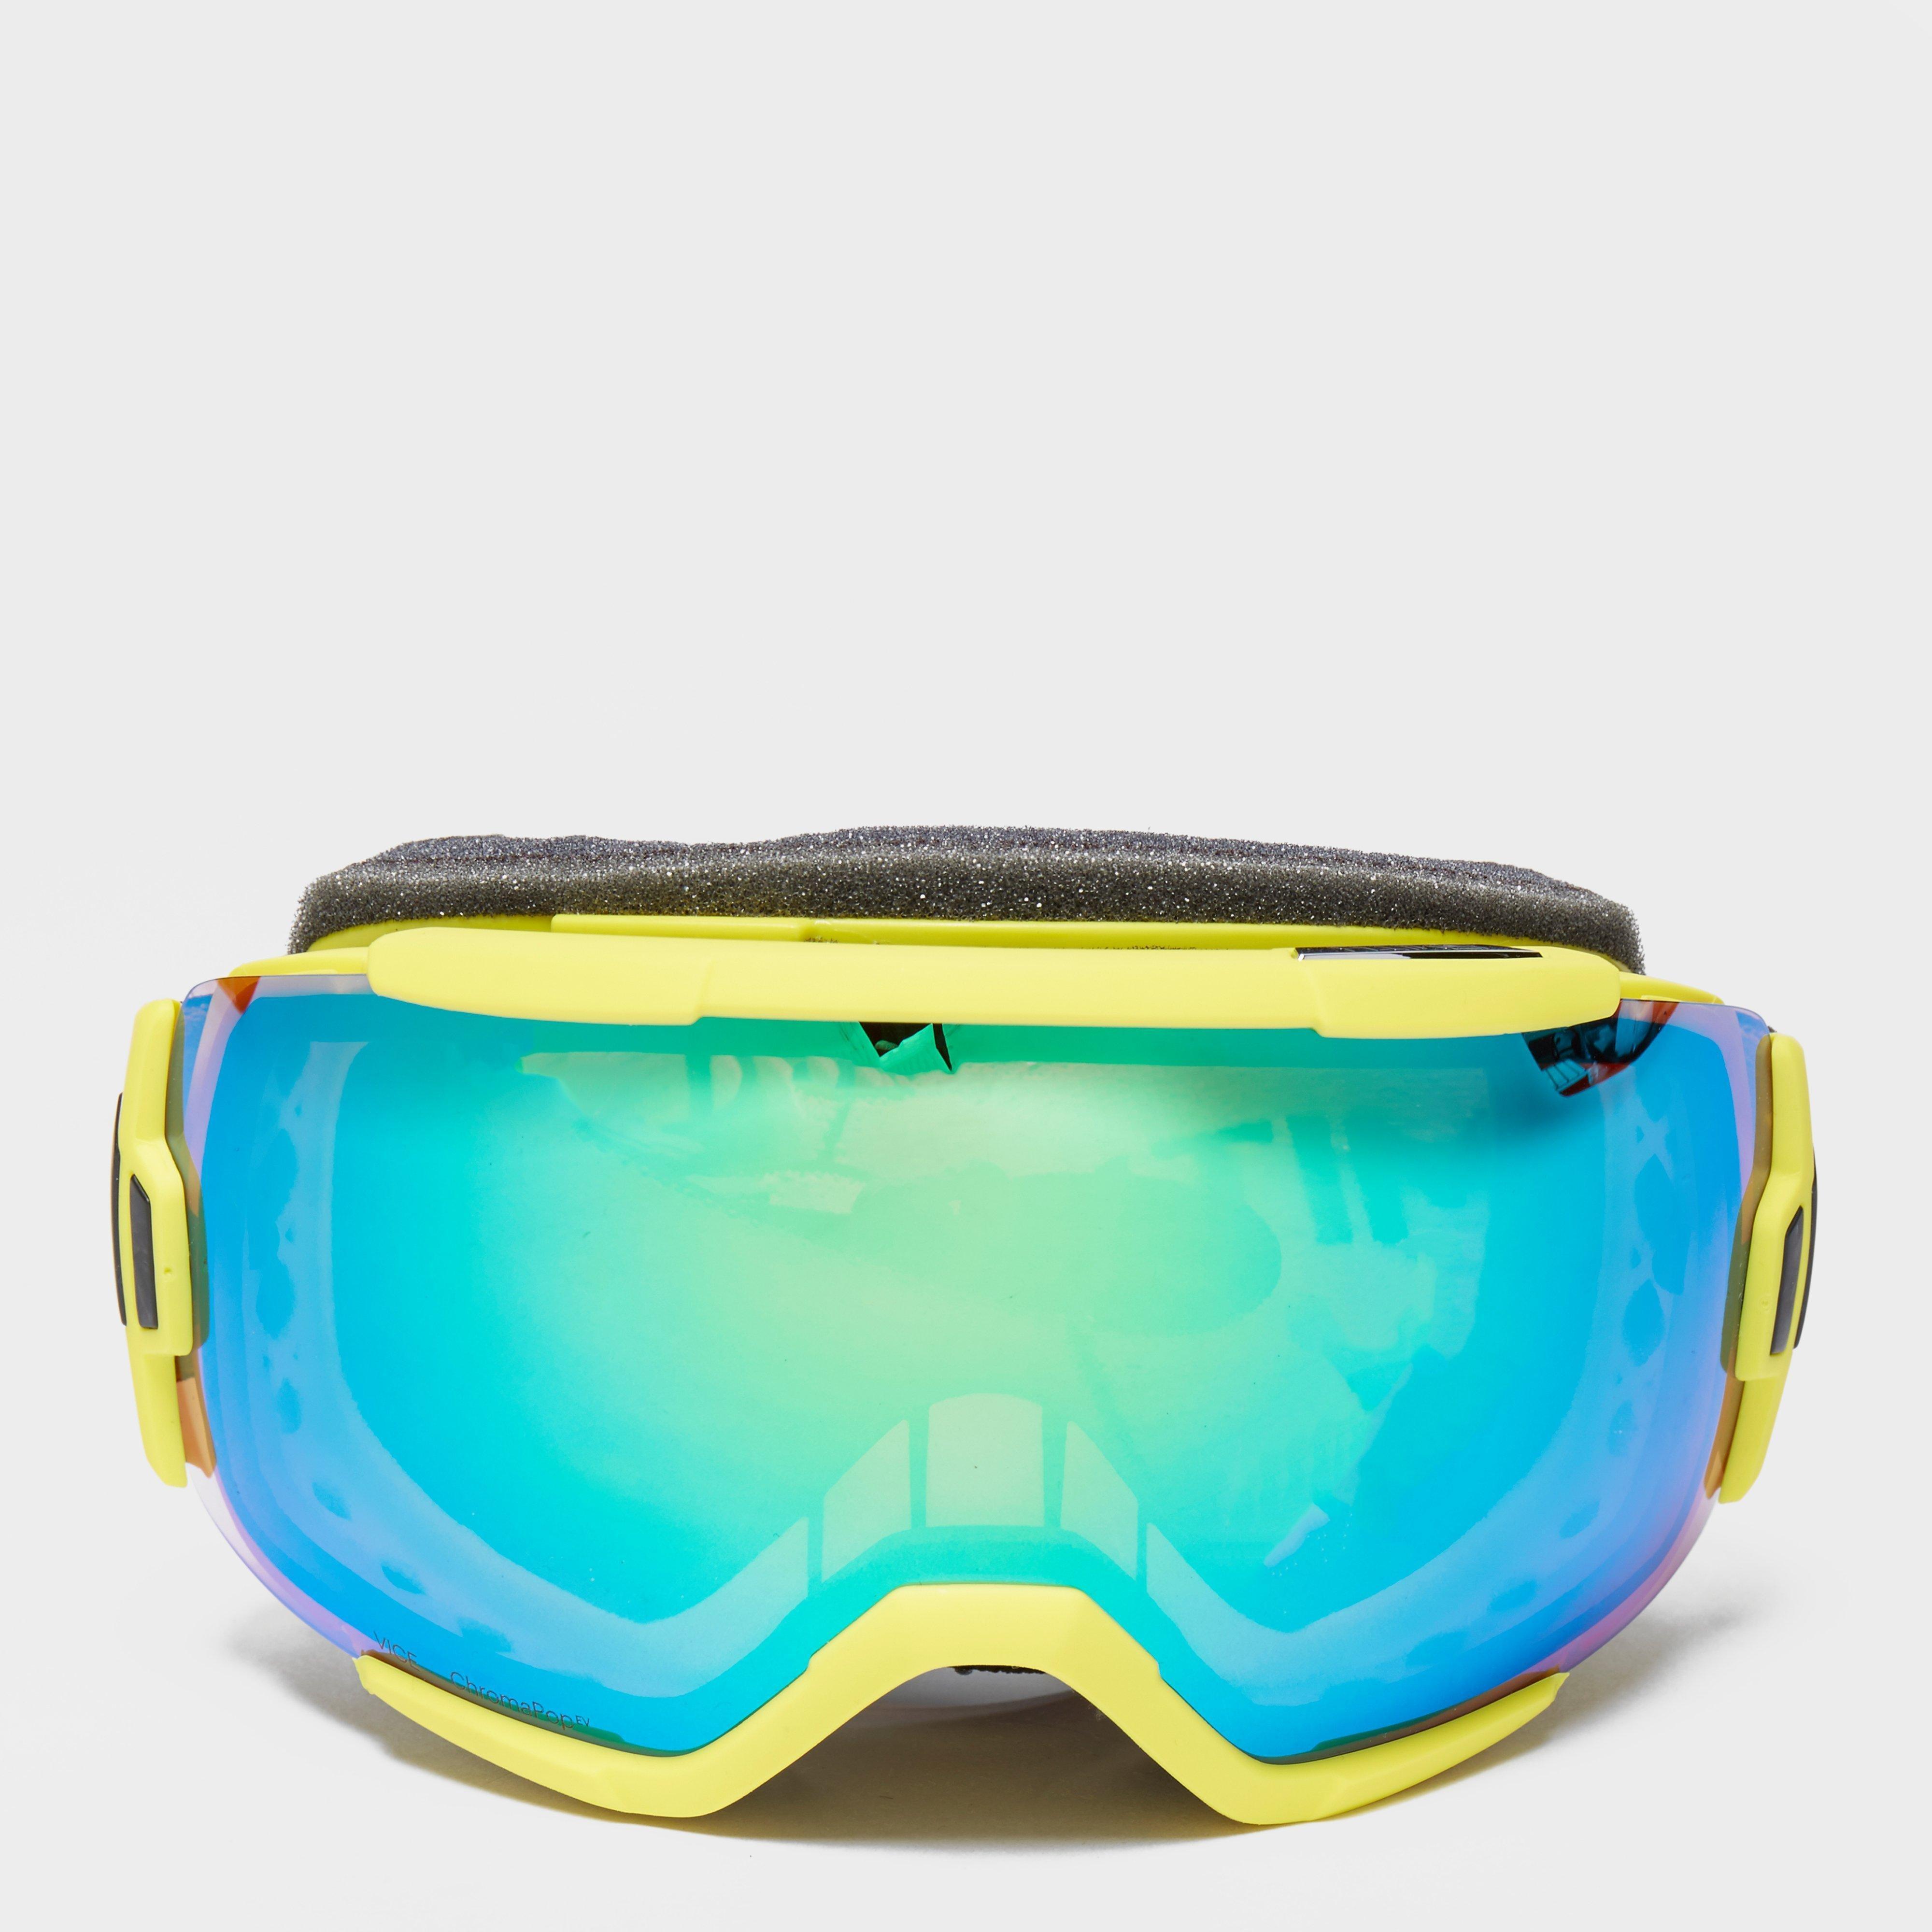 Smith Smith Mens Vice Ski Goggles - Yellow, Yellow